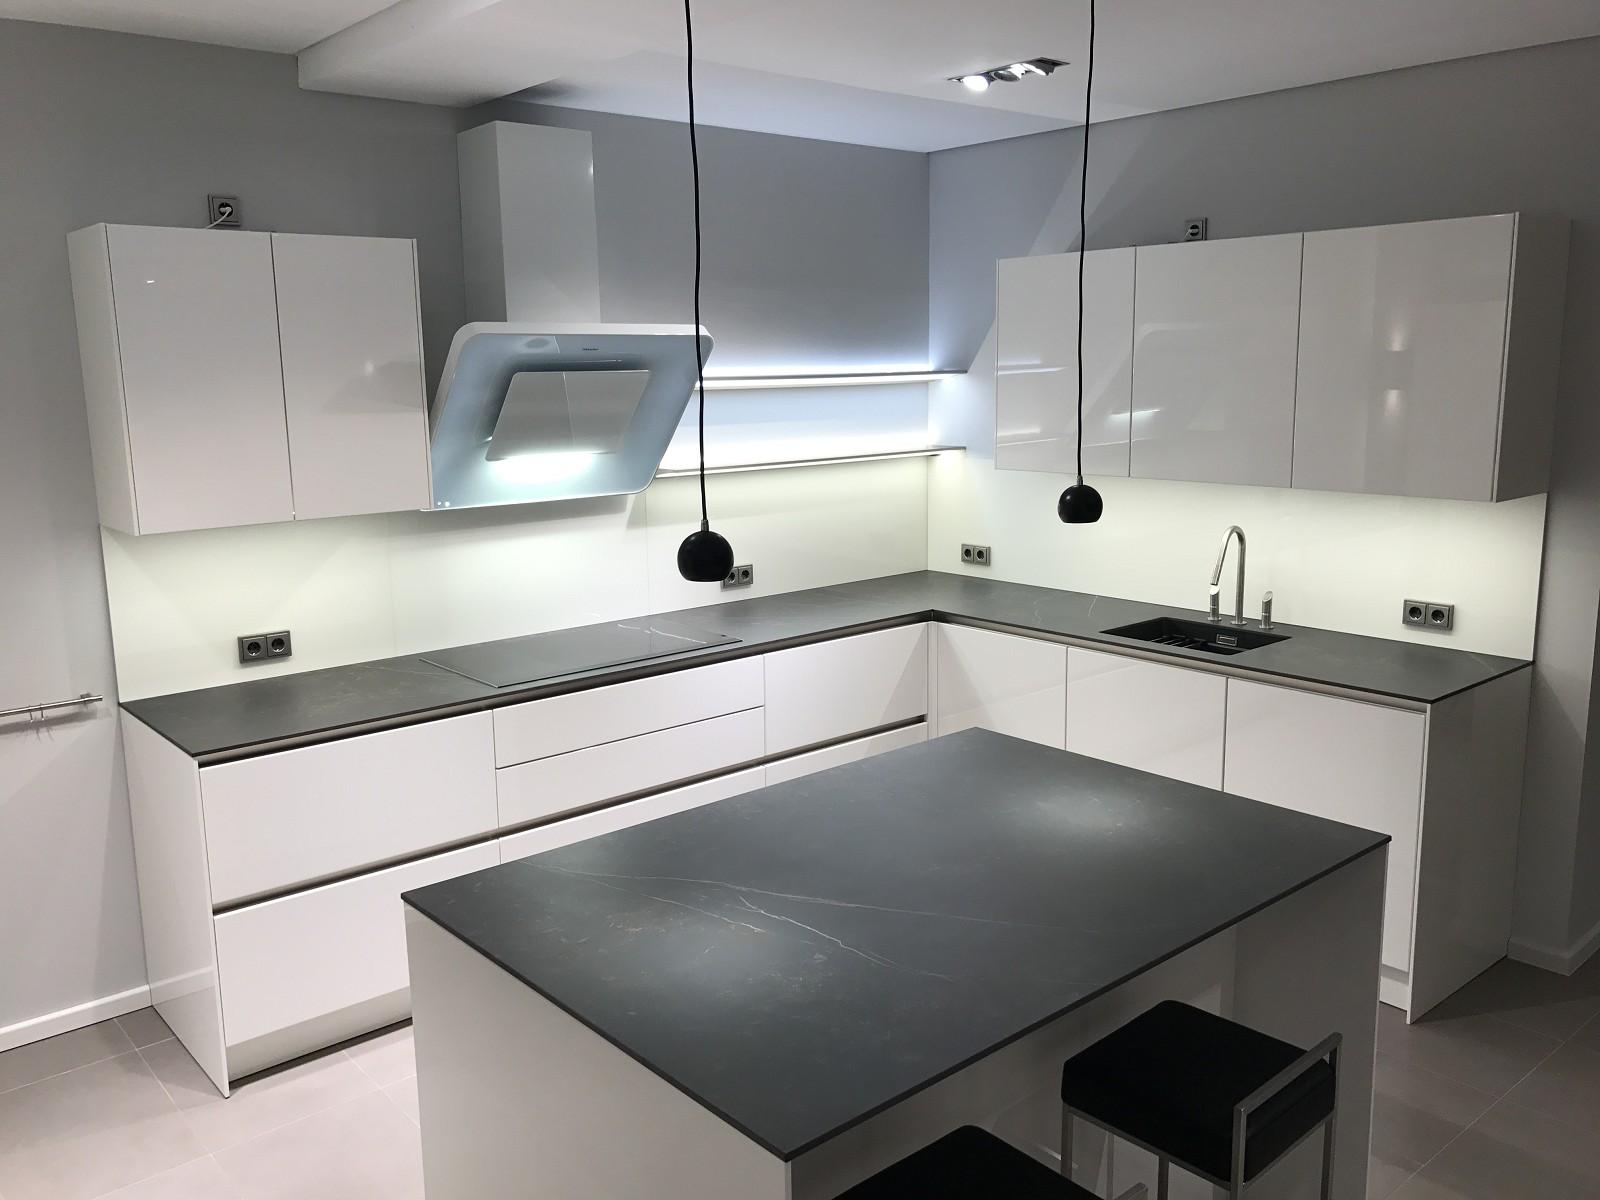 Großzügig Gezeiten Küche Und Bad Annapolis Ideen - Ideen Für Die ...